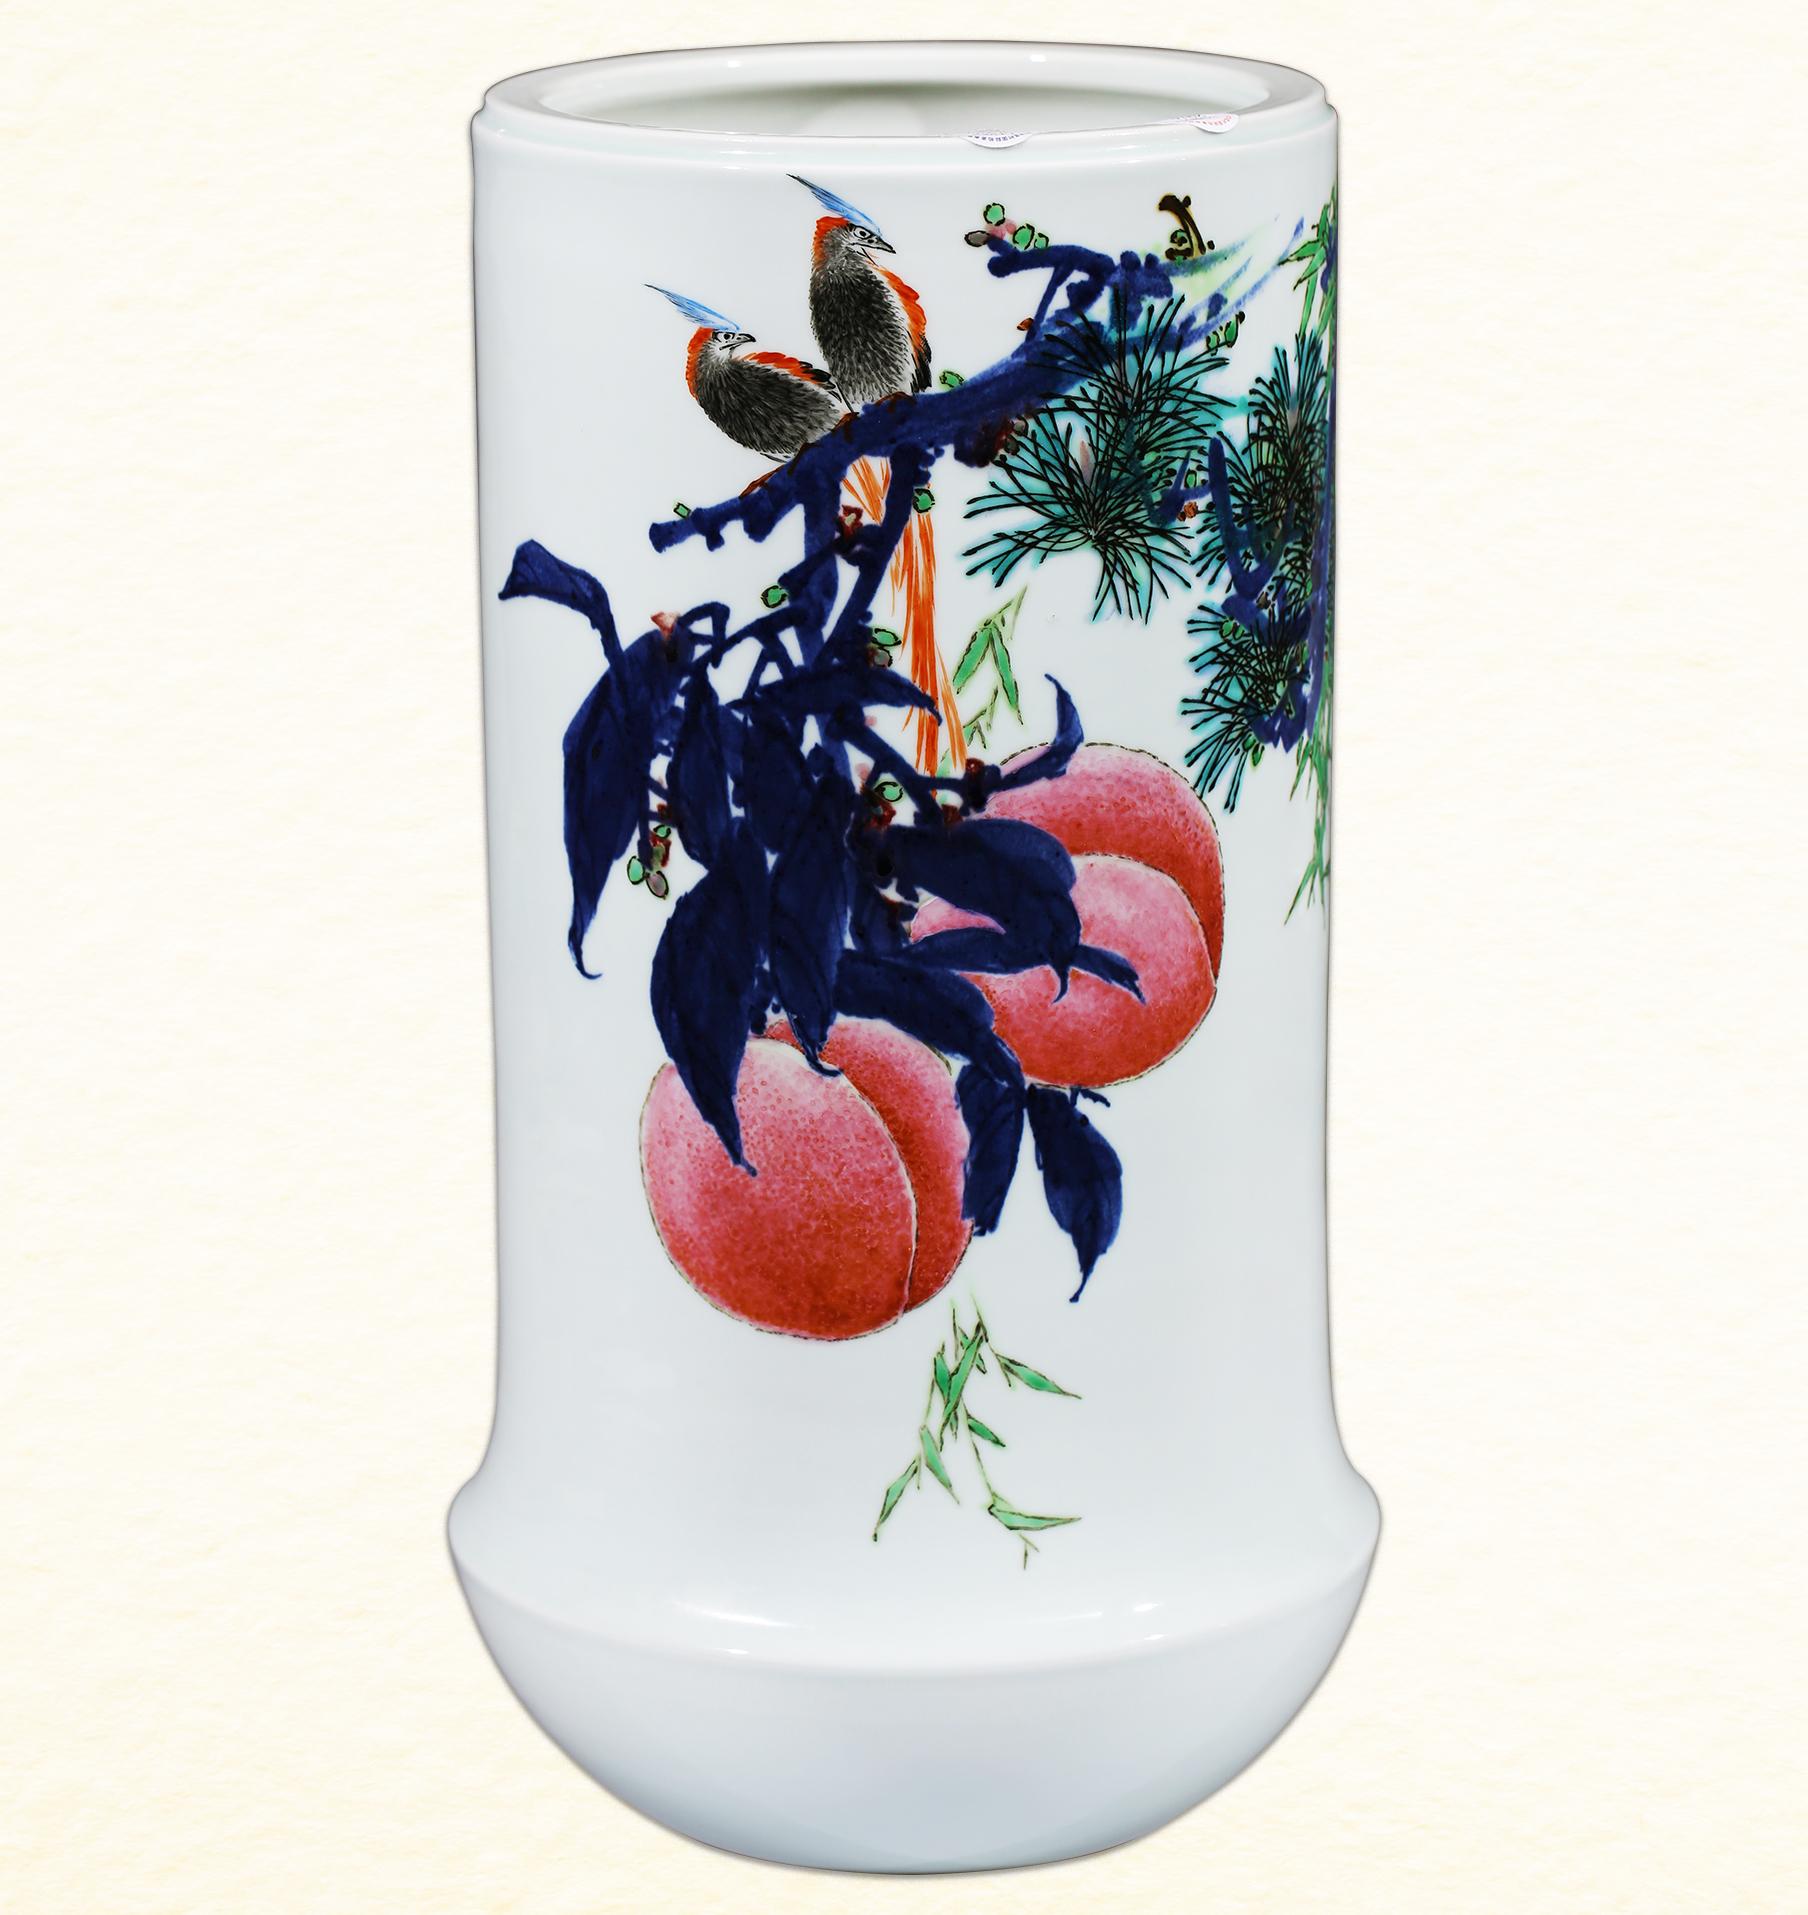 《苍苍者寿》粉彩装饰瓷瓶